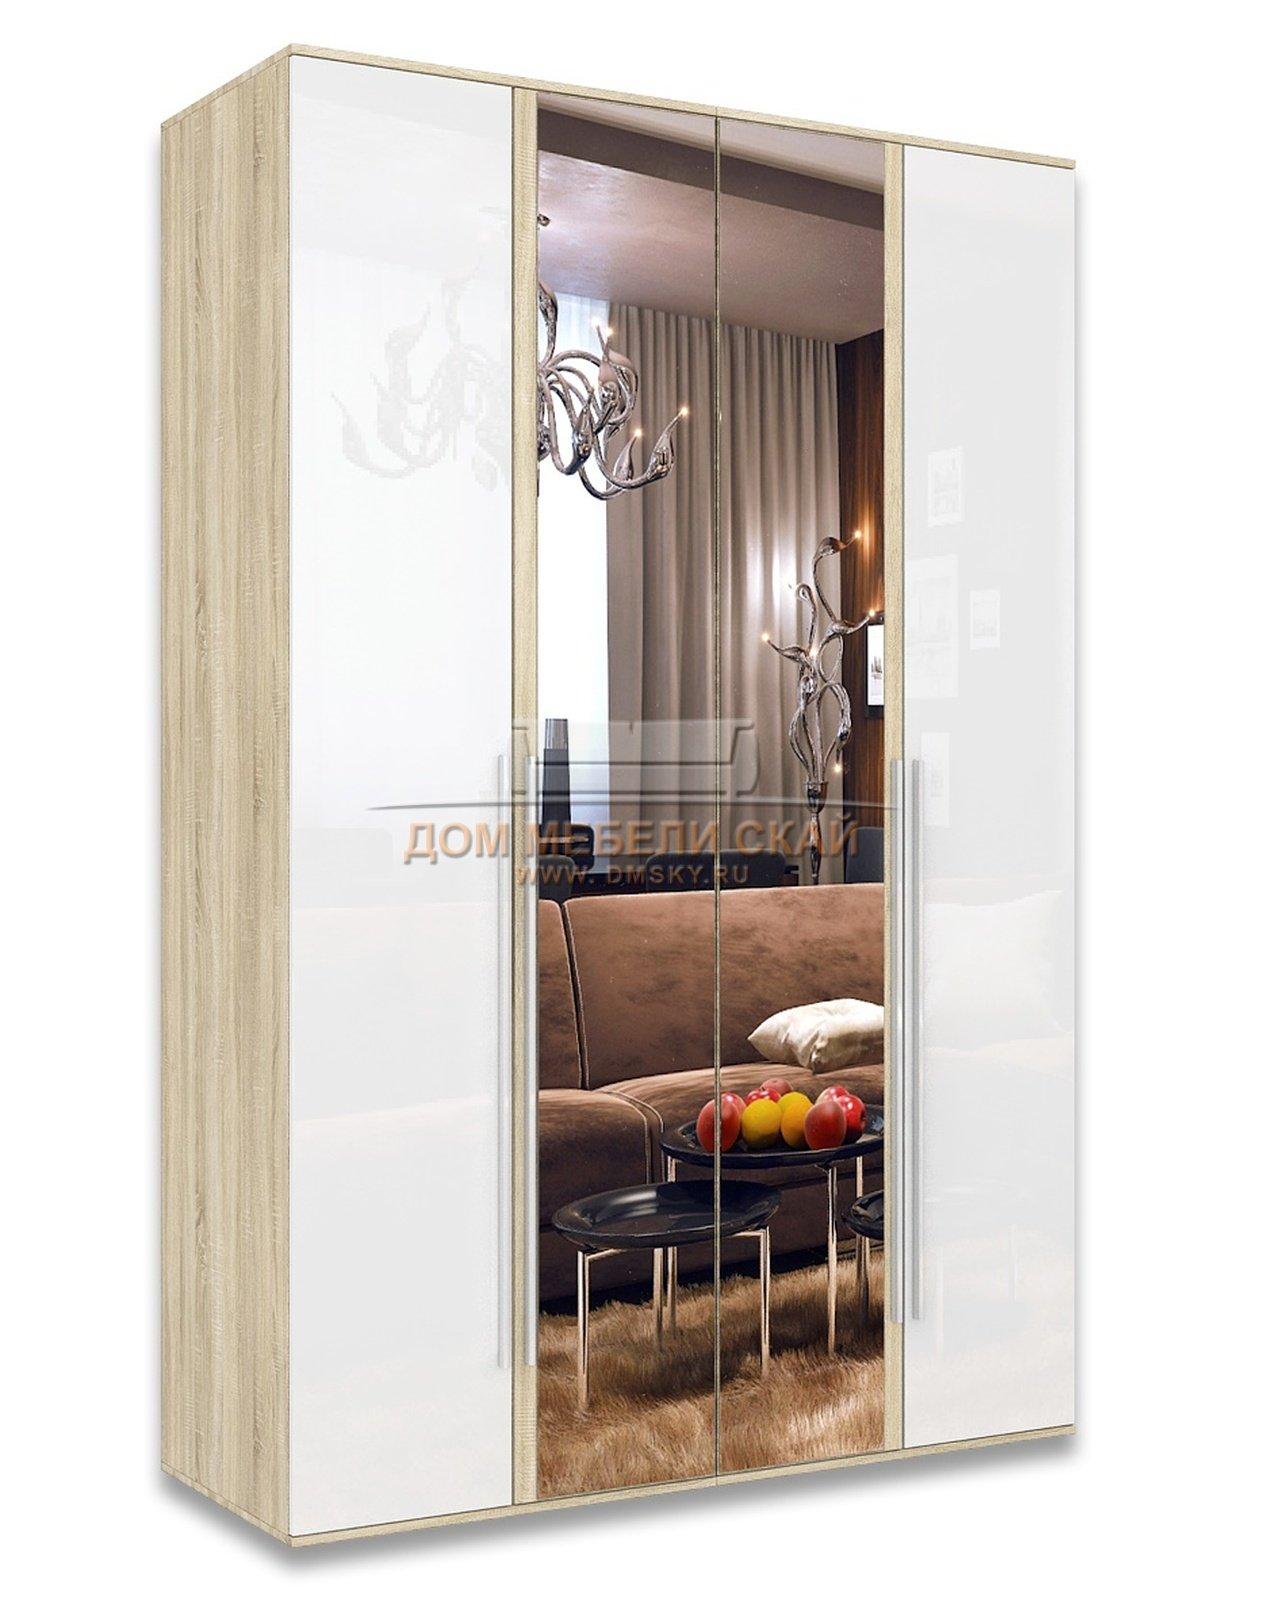 Шкаф ирма 4-дверный с зеркалом, белый глянец - купить в с.-п.